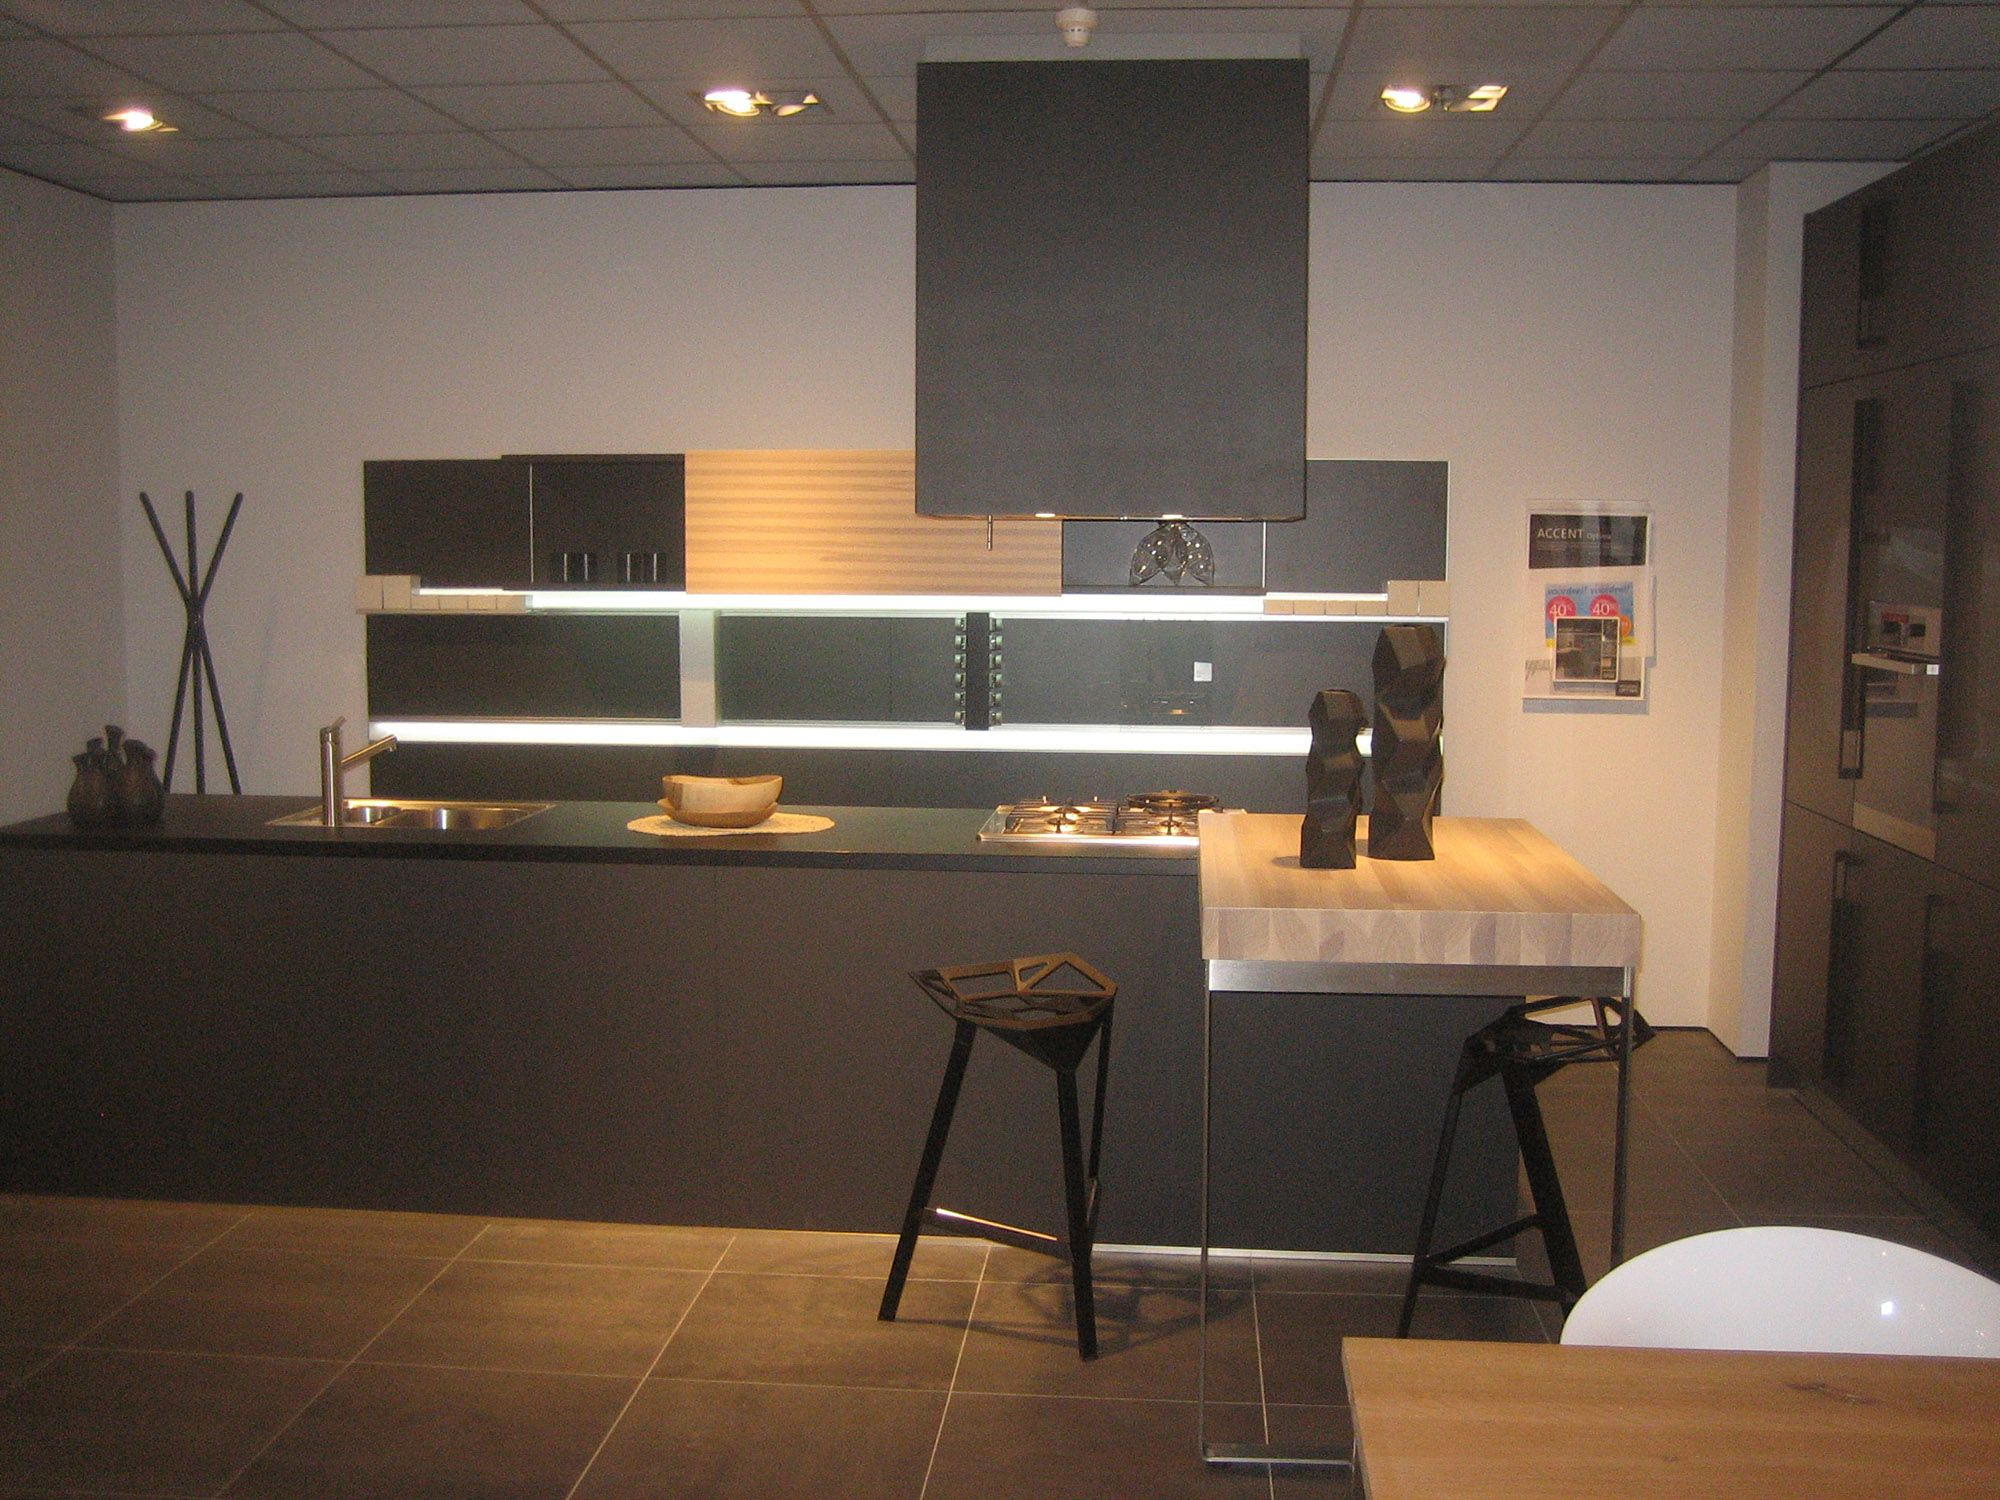 Keukenprijs altijd de beste keukenprijs bruynzeel showroomkeuken optima accent 53573 - De beste hedendaagse keukens ...